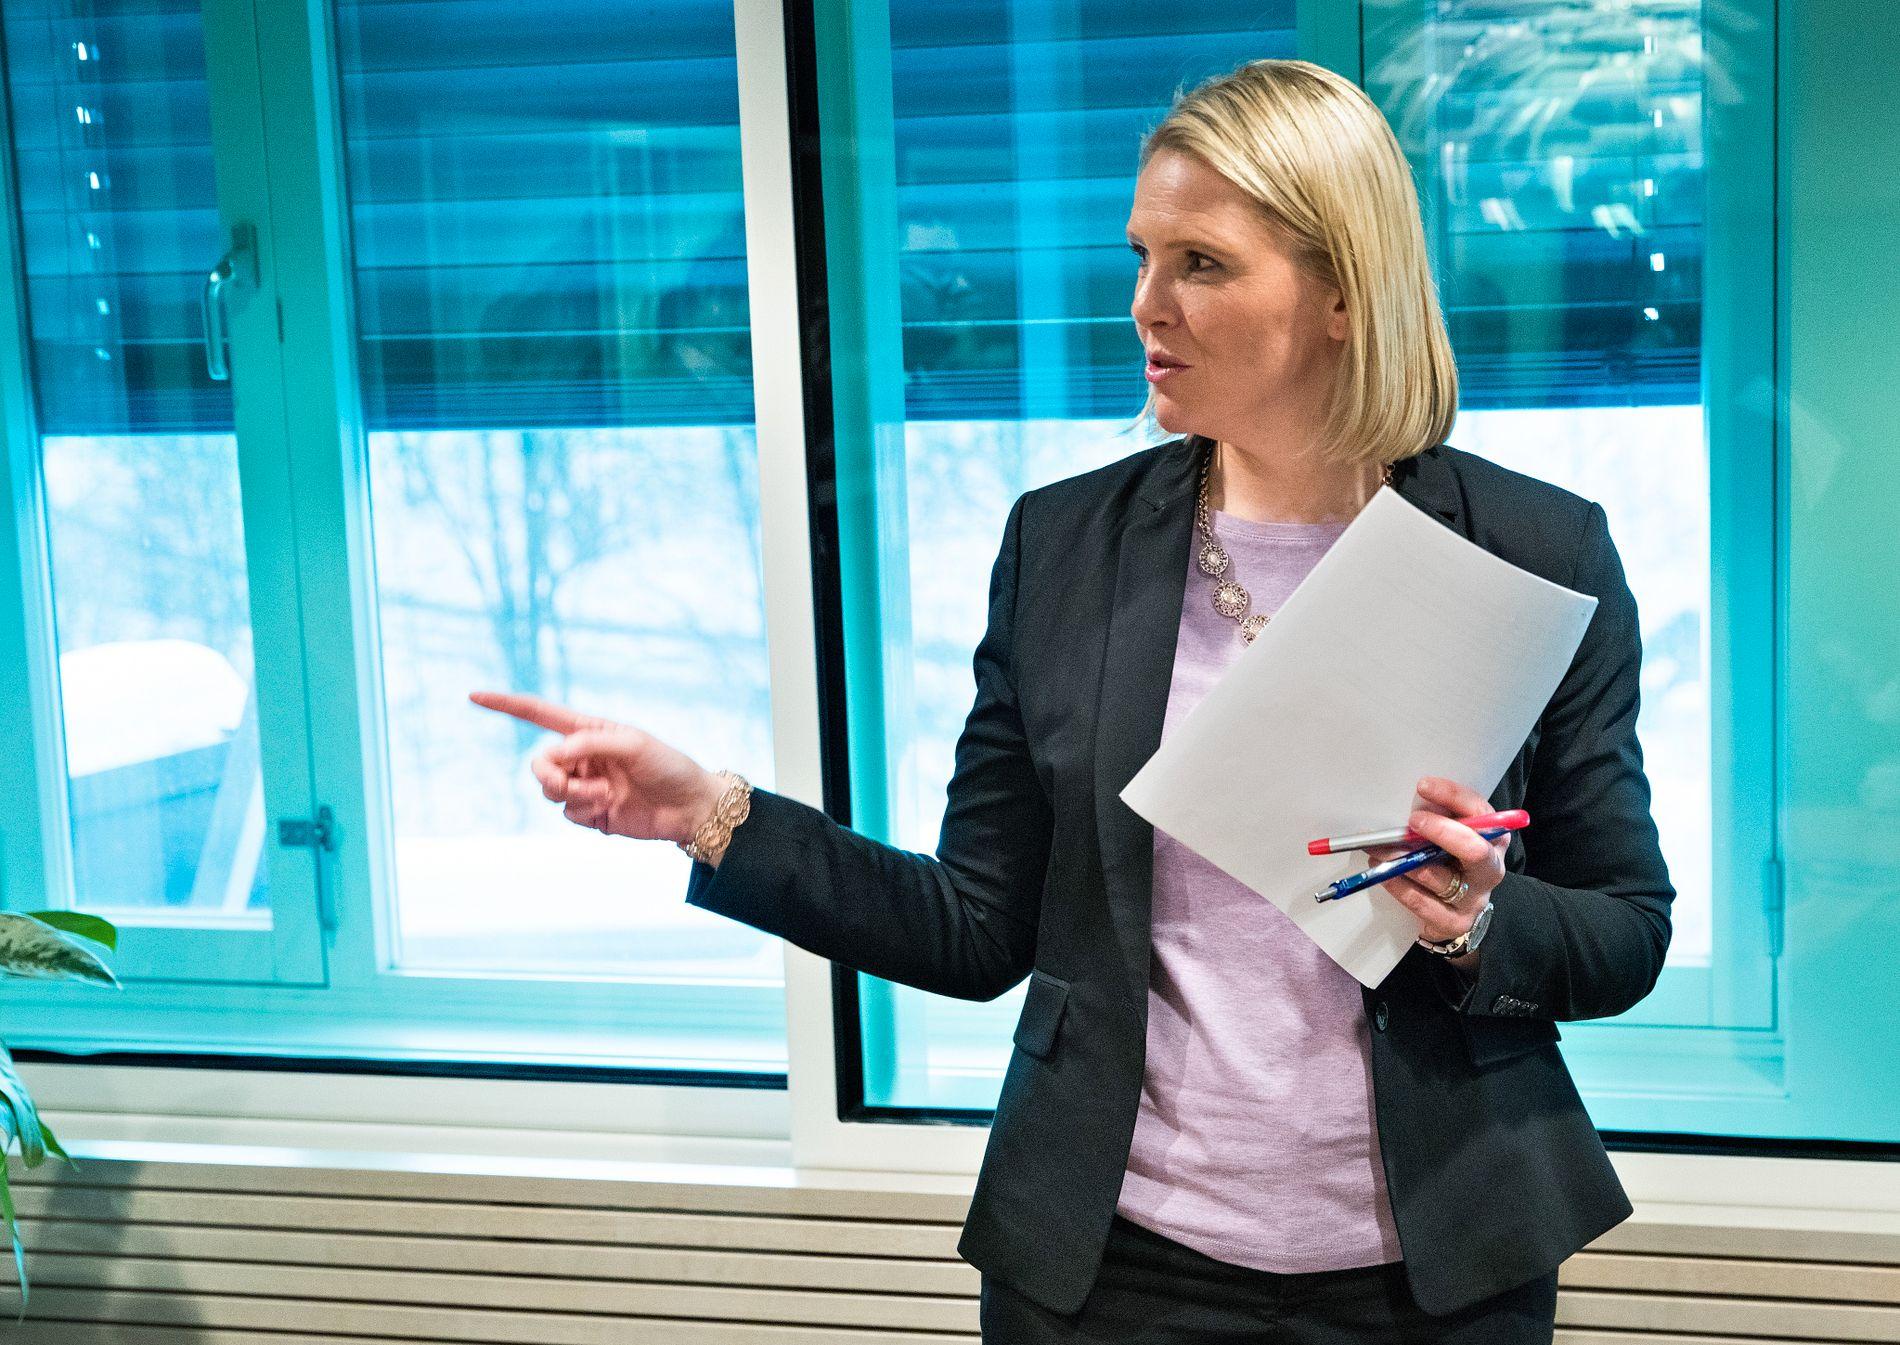 INNRØMMER SVIKT: Justisminister Sylvi Listhaug (Frp) innrømmer at både Politidirektoratet og departementet har sviktet i oppfølgingen av ID-prosjektet.